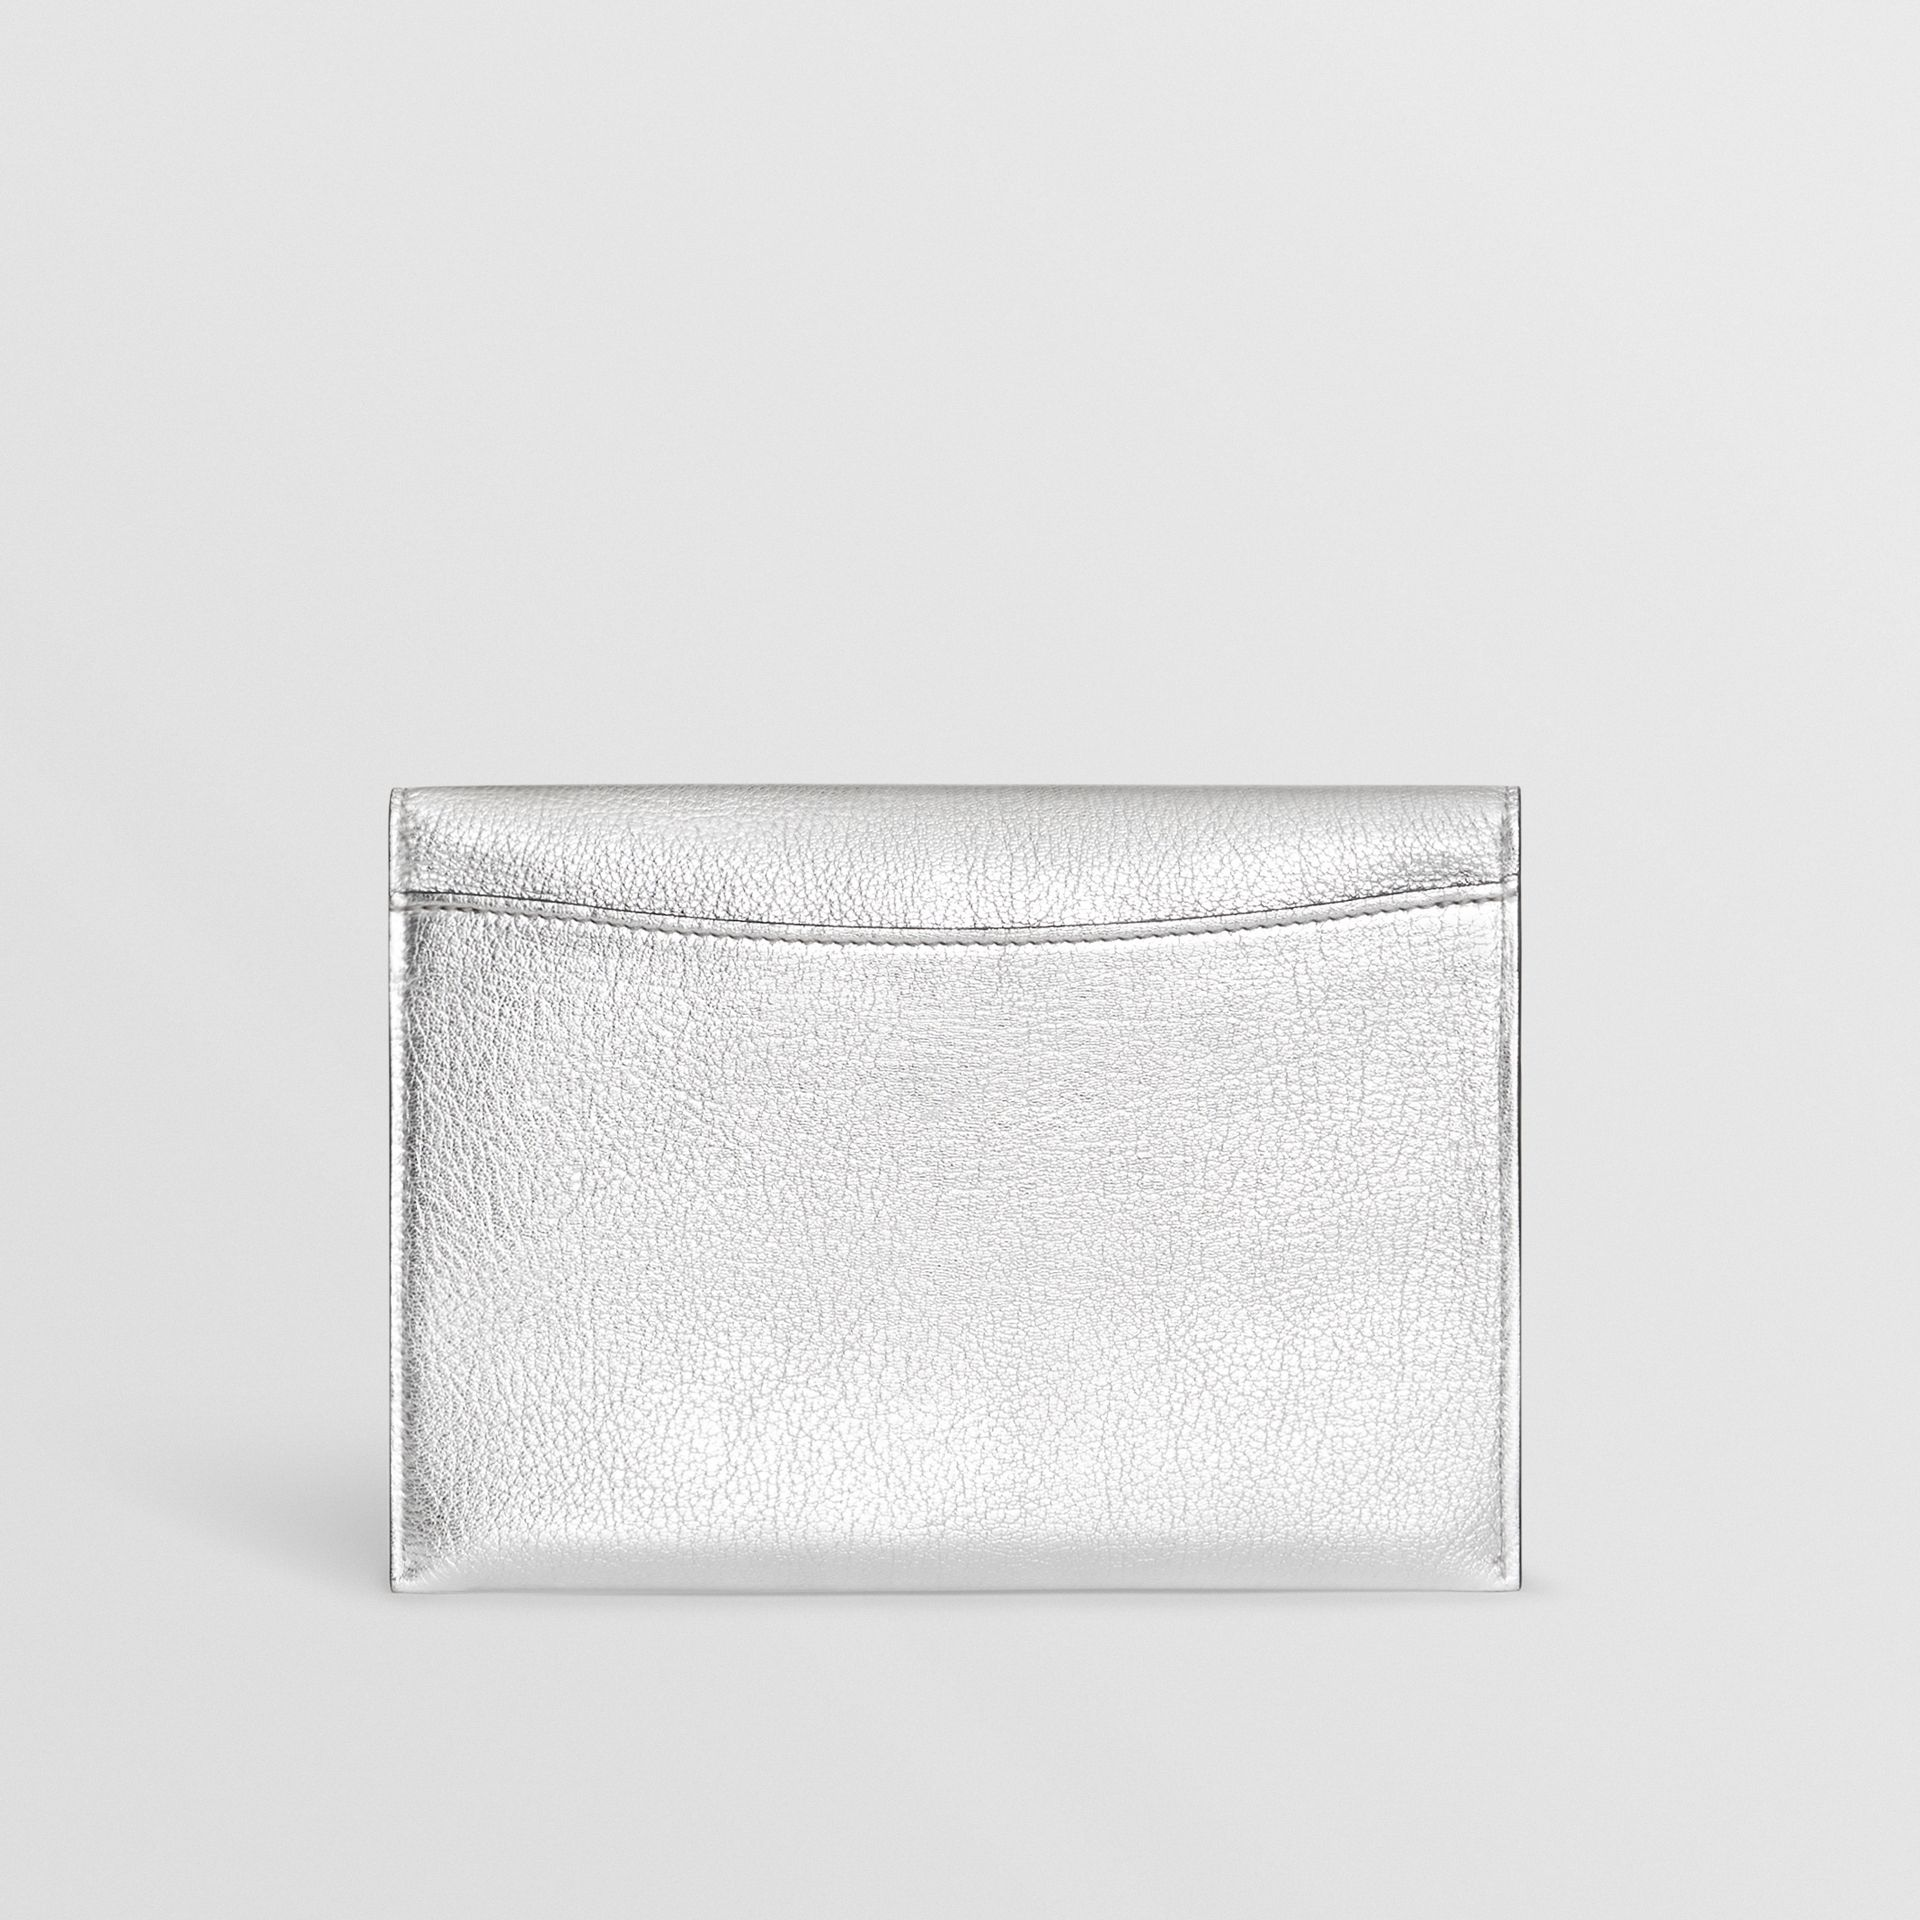 Bolsa pouch de couro metalizado com argola em D e porta-moedas (Prateado) - Mulheres | Burberry - galeria de imagens 8